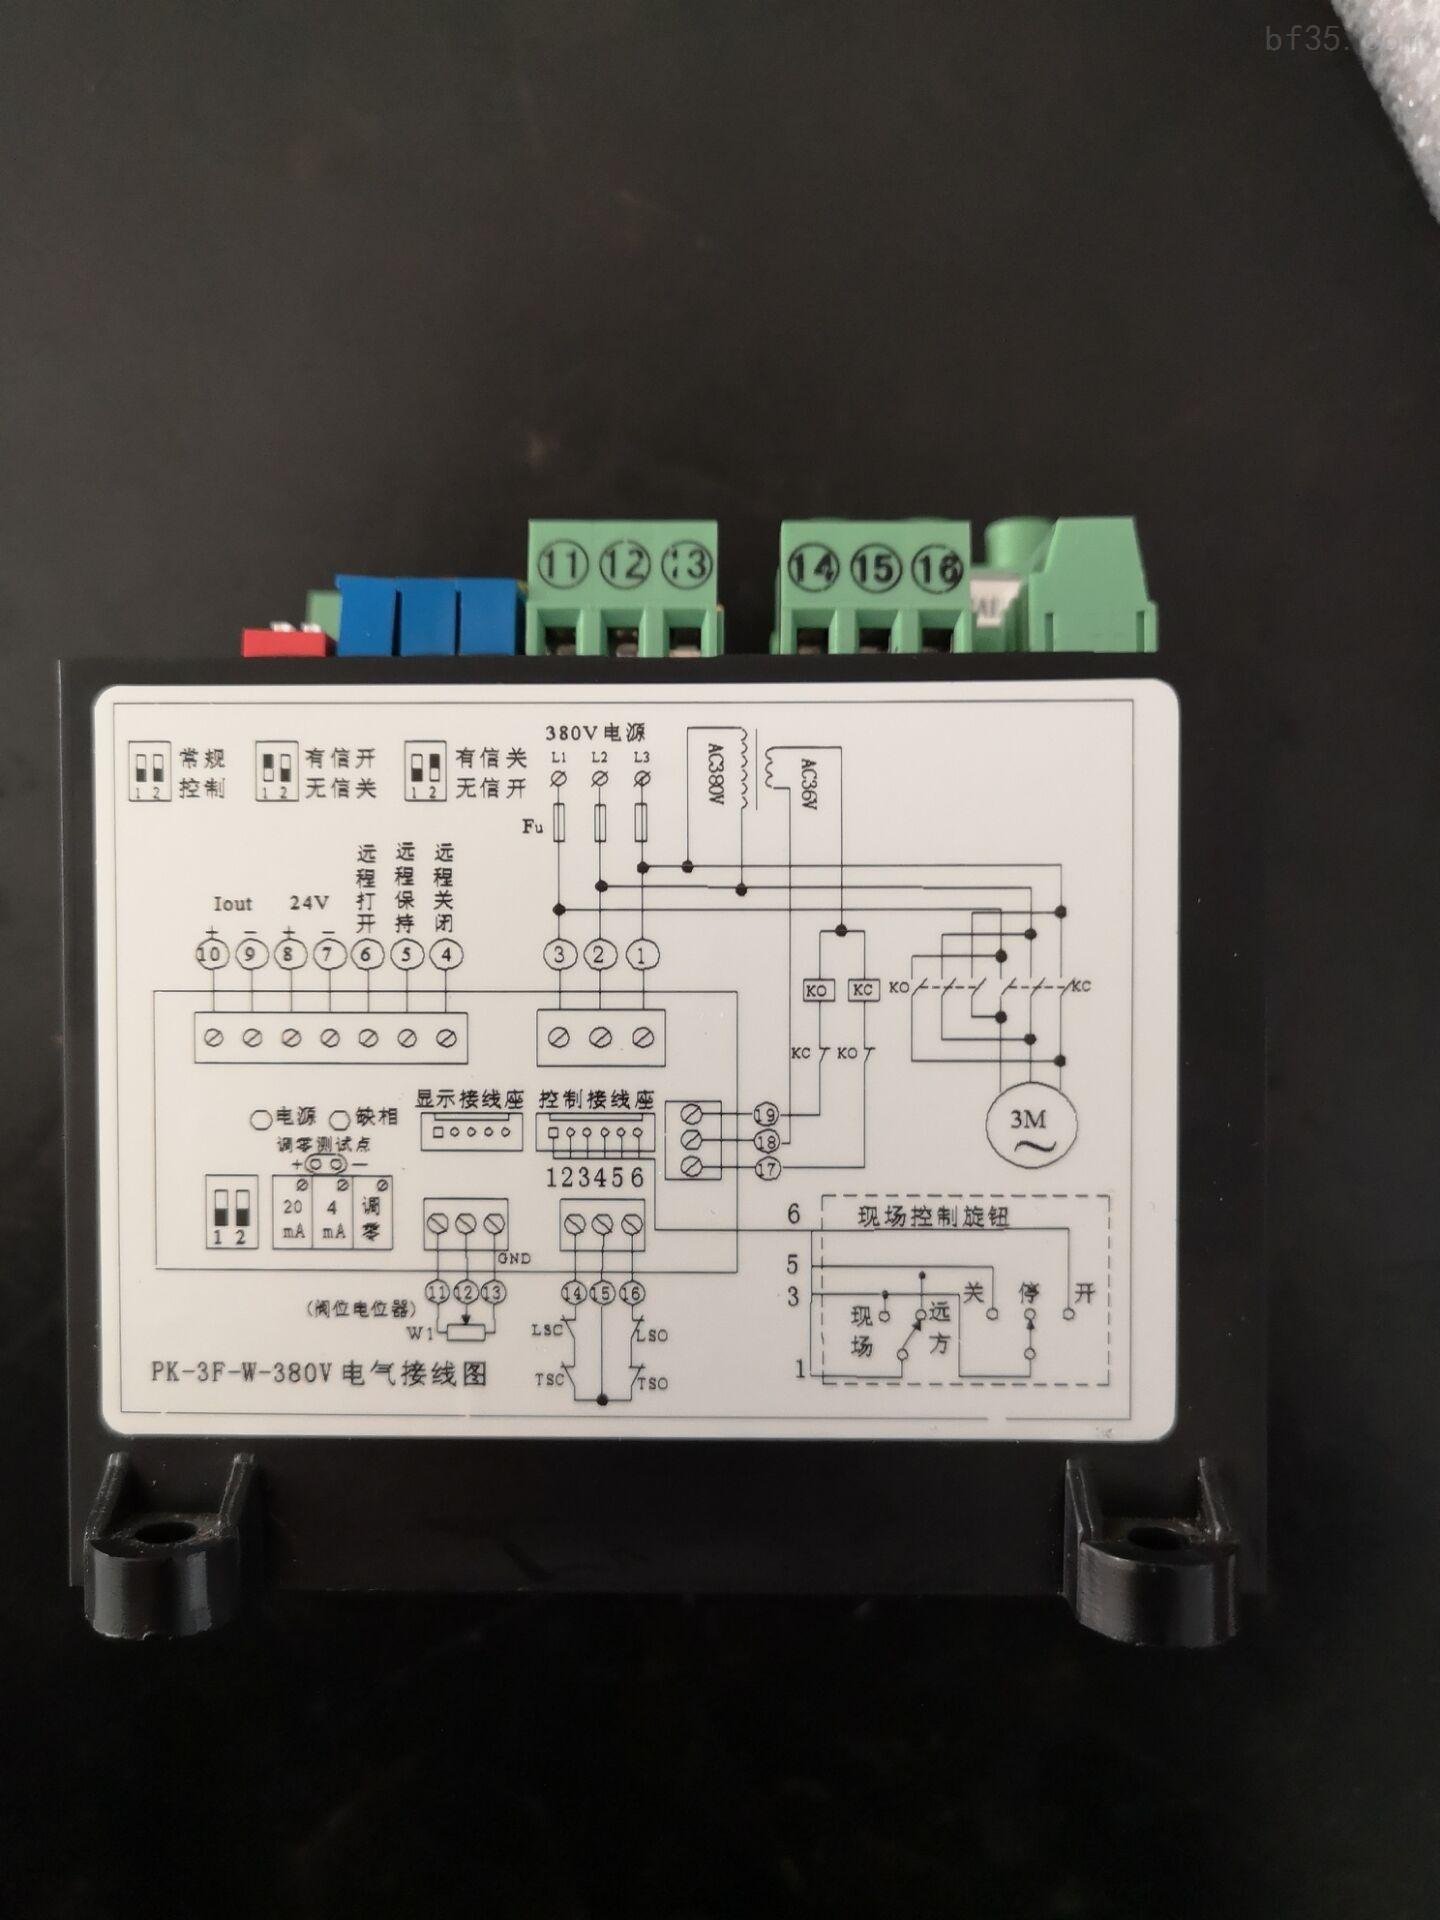 煤安型模块PK-3F-W-660V 防爆控制模块